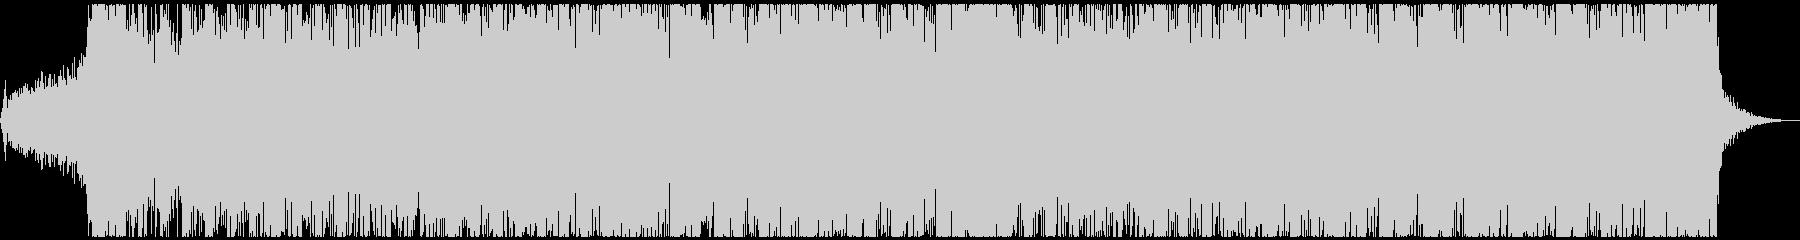 激しいメタルテクノ、威圧的、デスボイスの未再生の波形